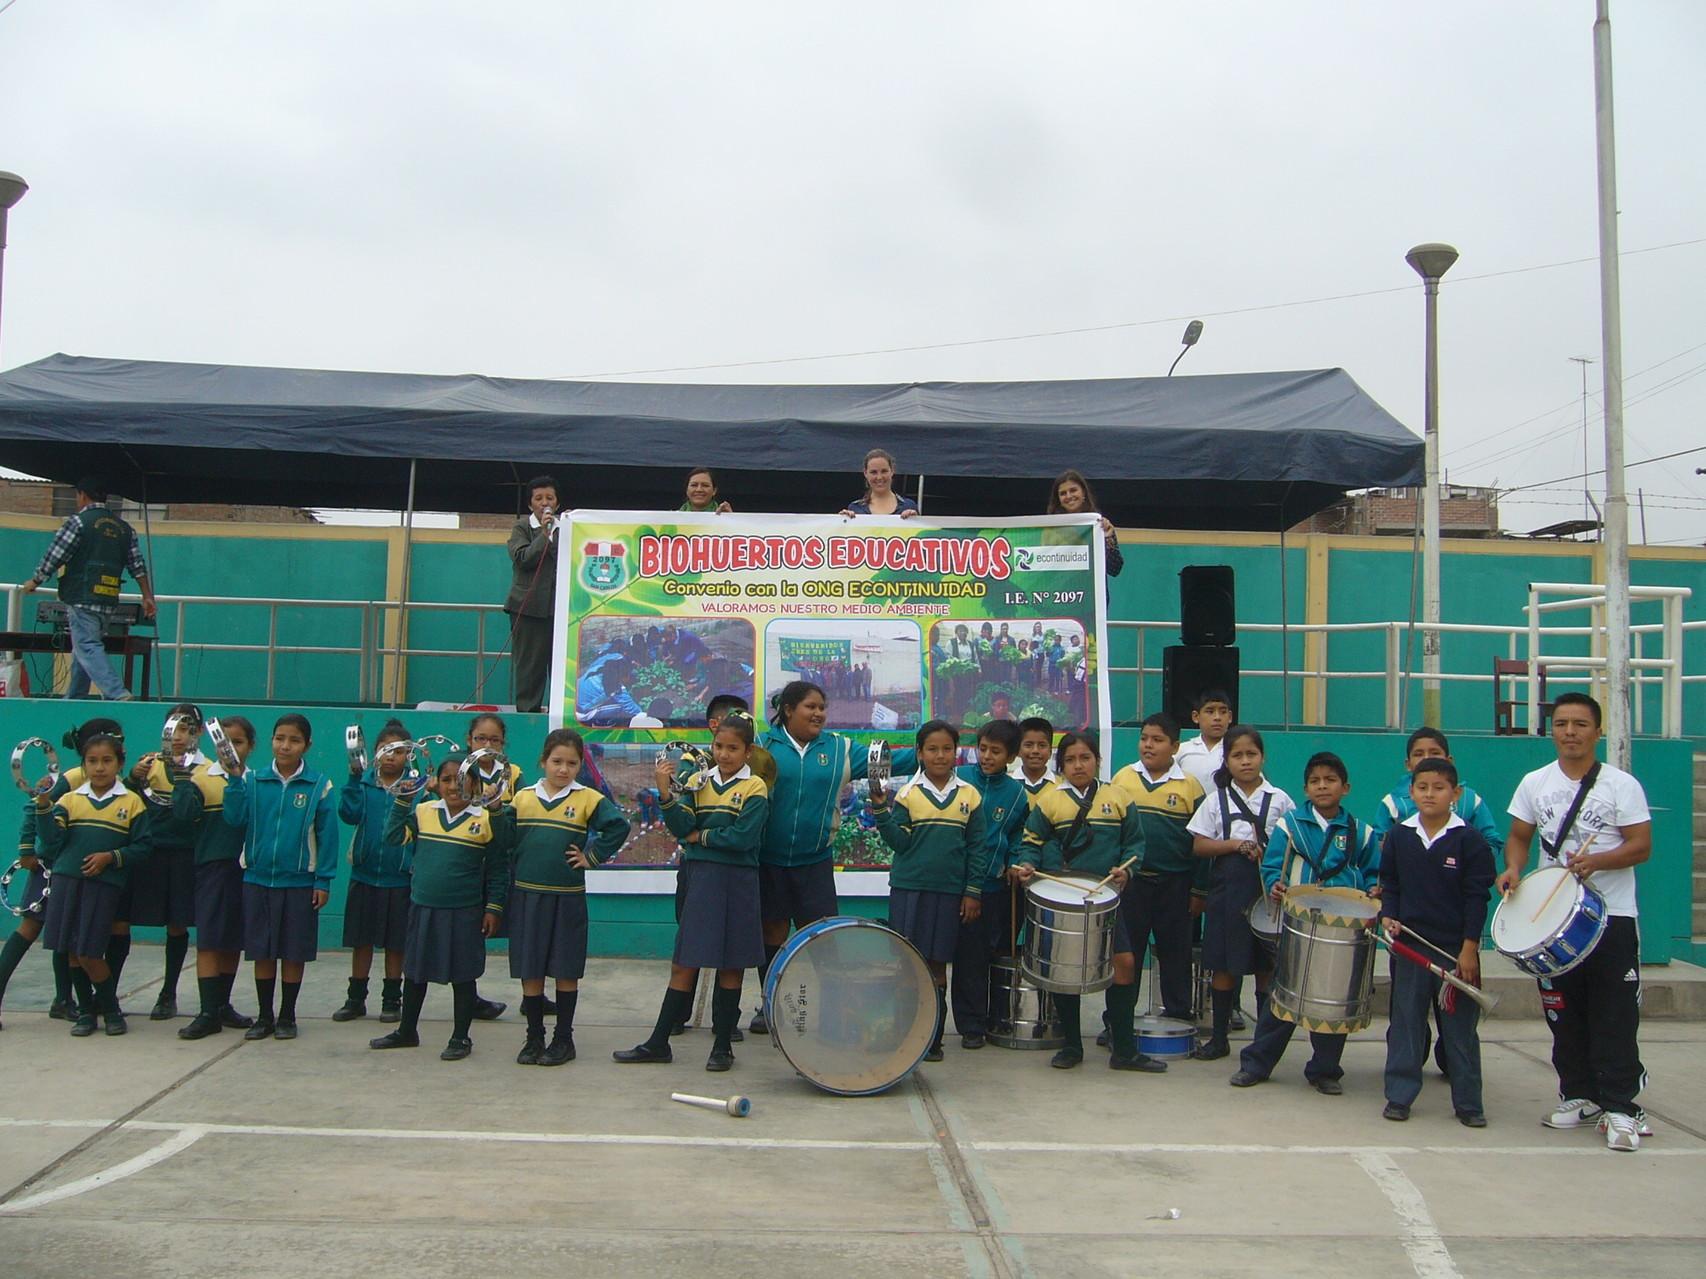 Banda de música de la Institución Educativa.